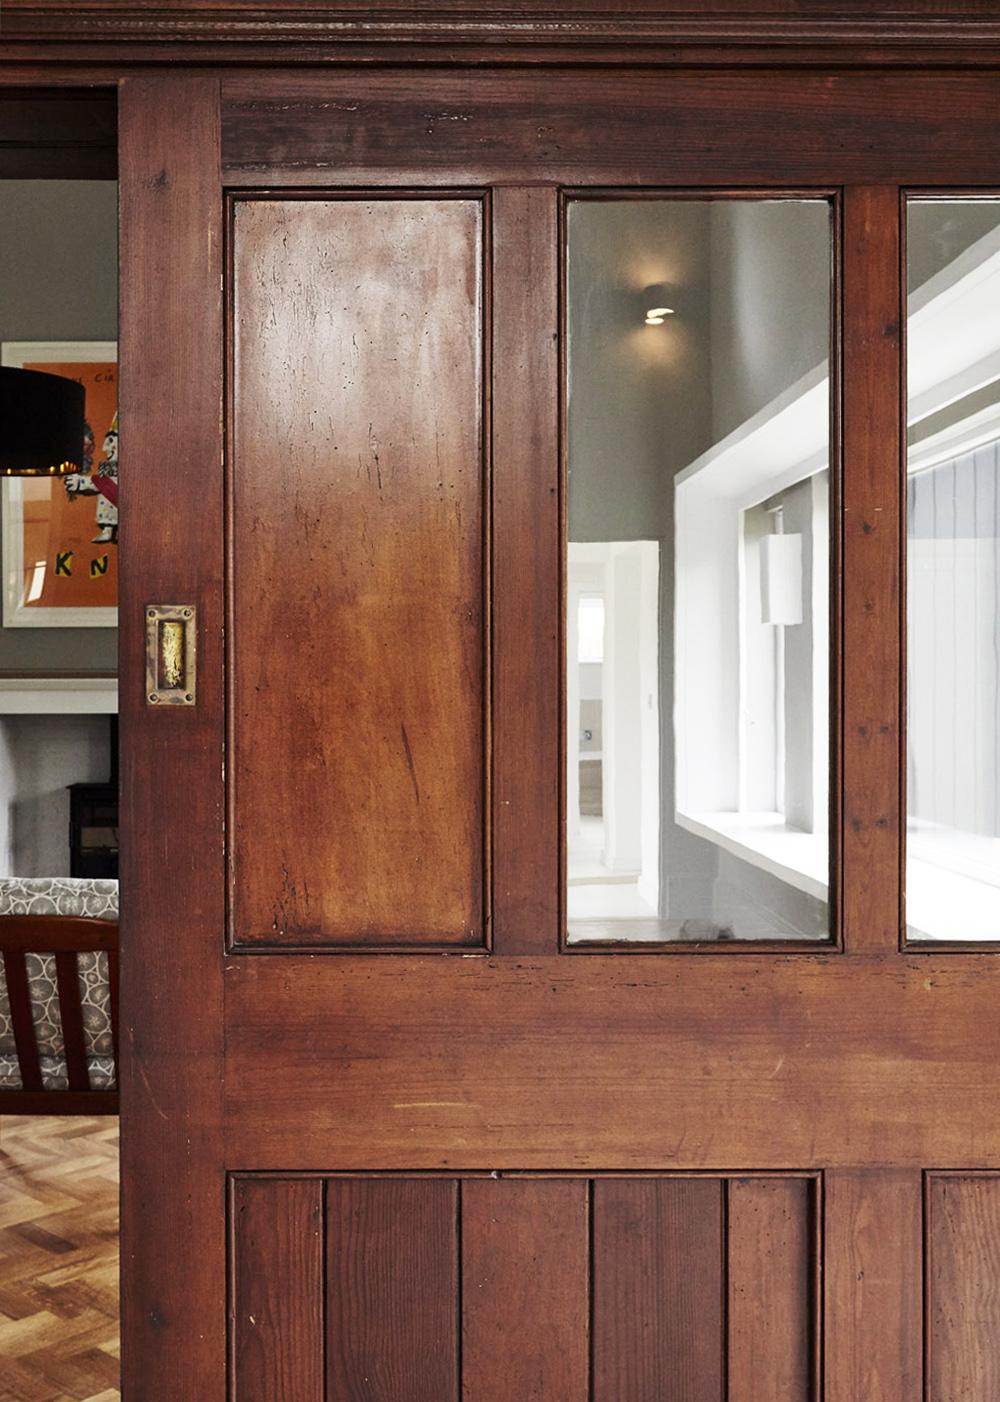 Existing sliding door